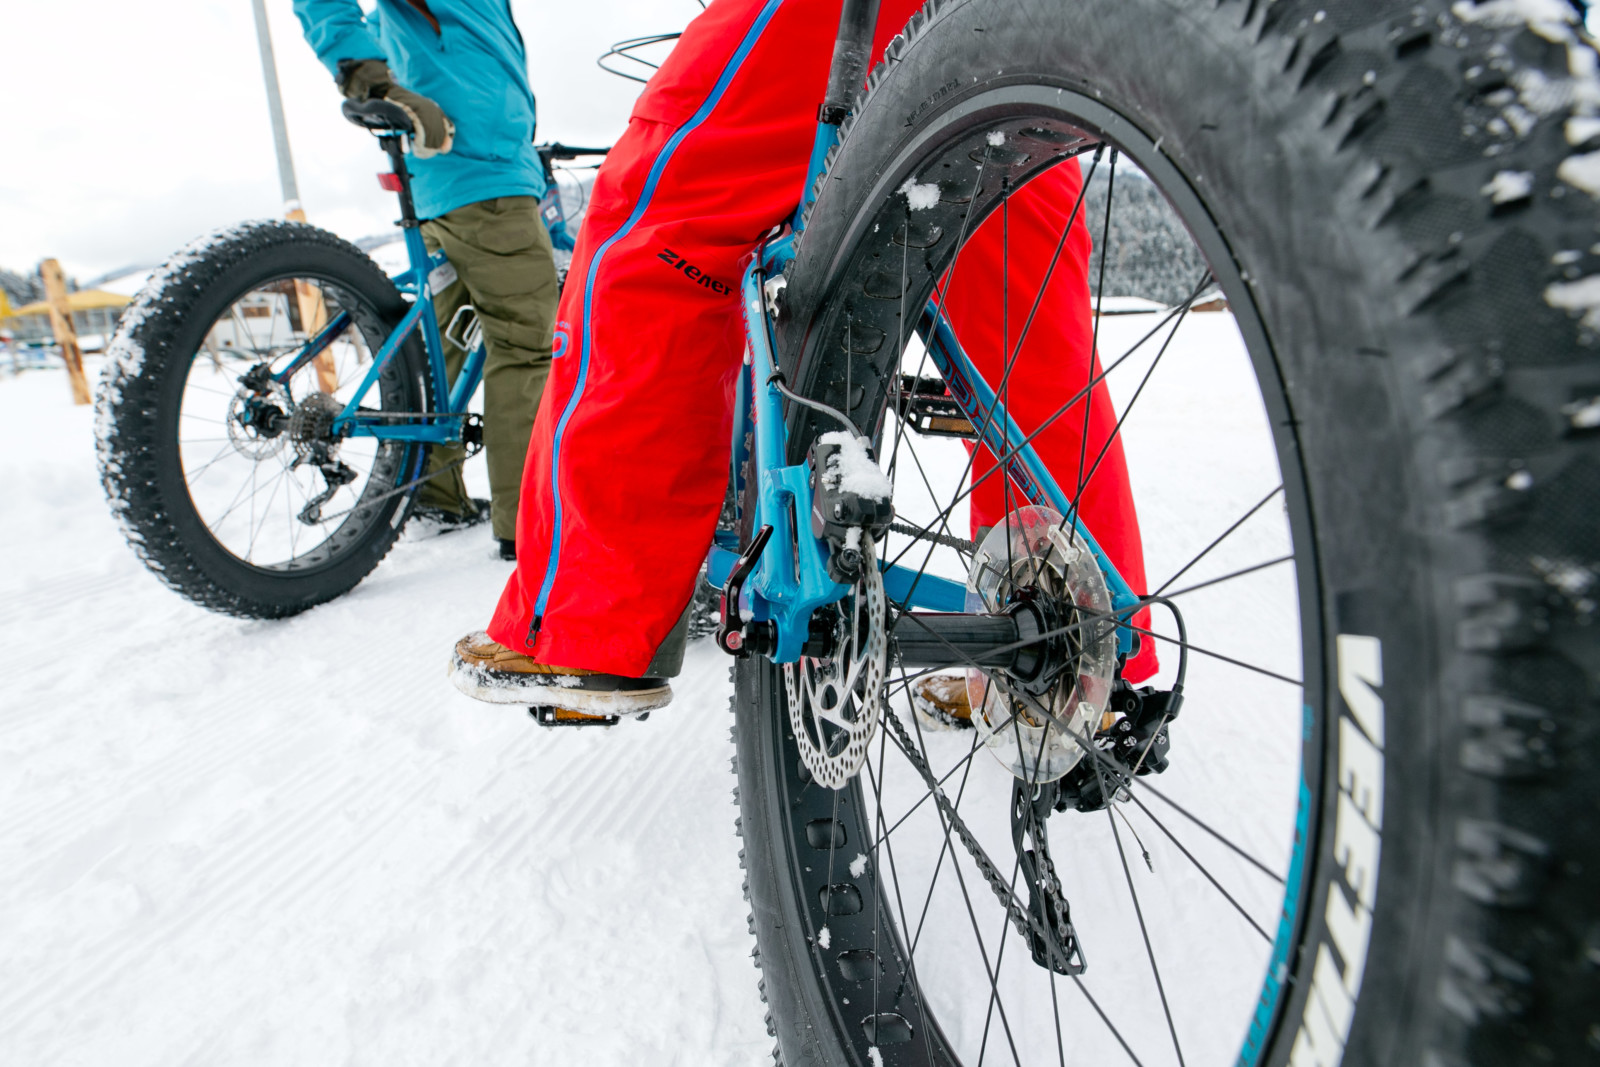 Winterkleidung und warme Schuhe anziehen. (c)wildbild